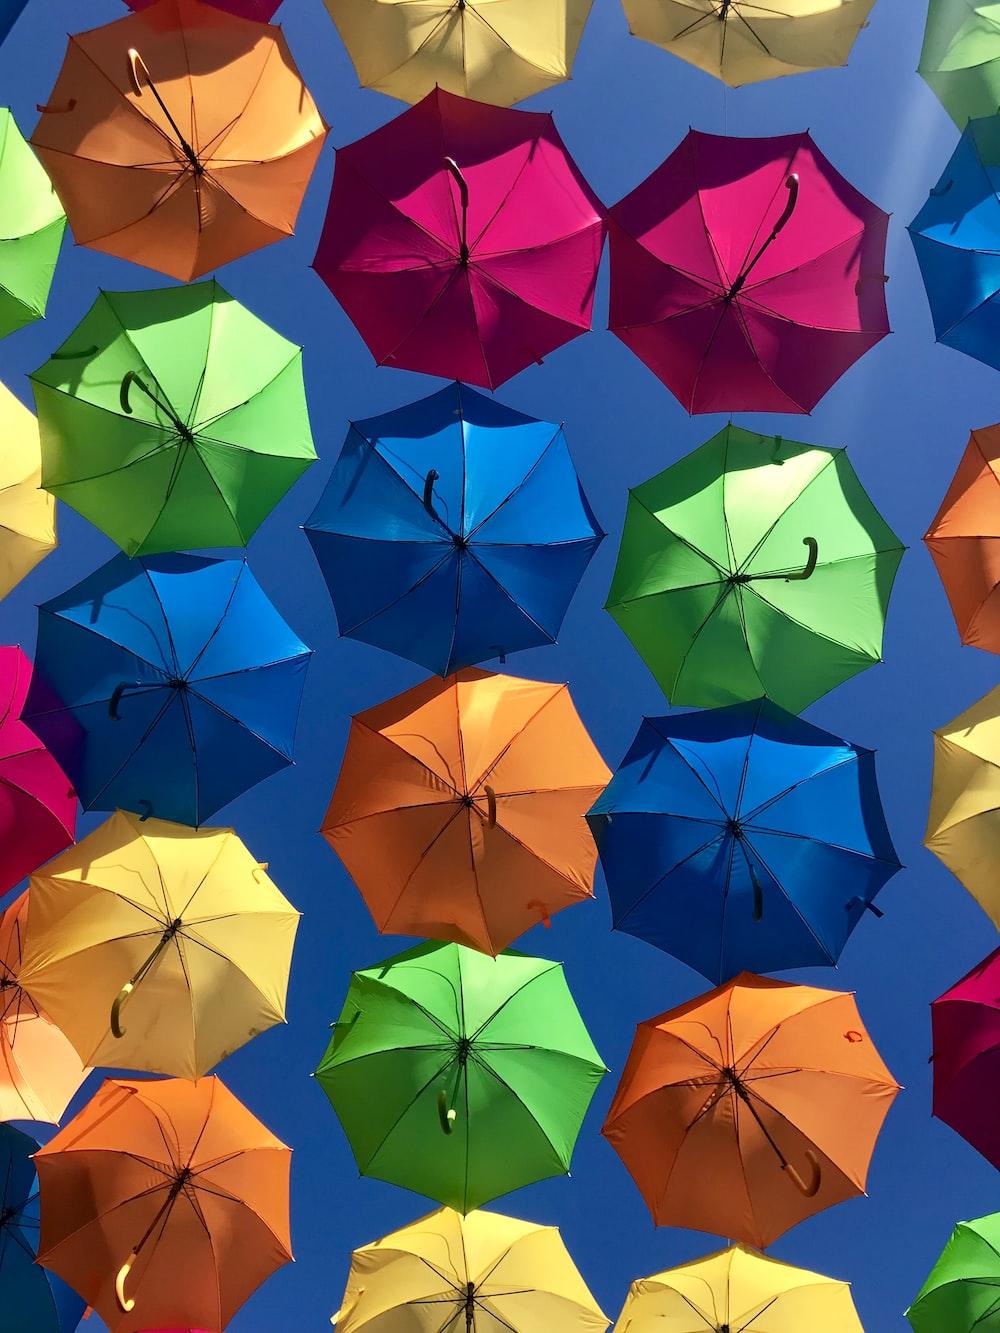 assorted-colored umbrellas